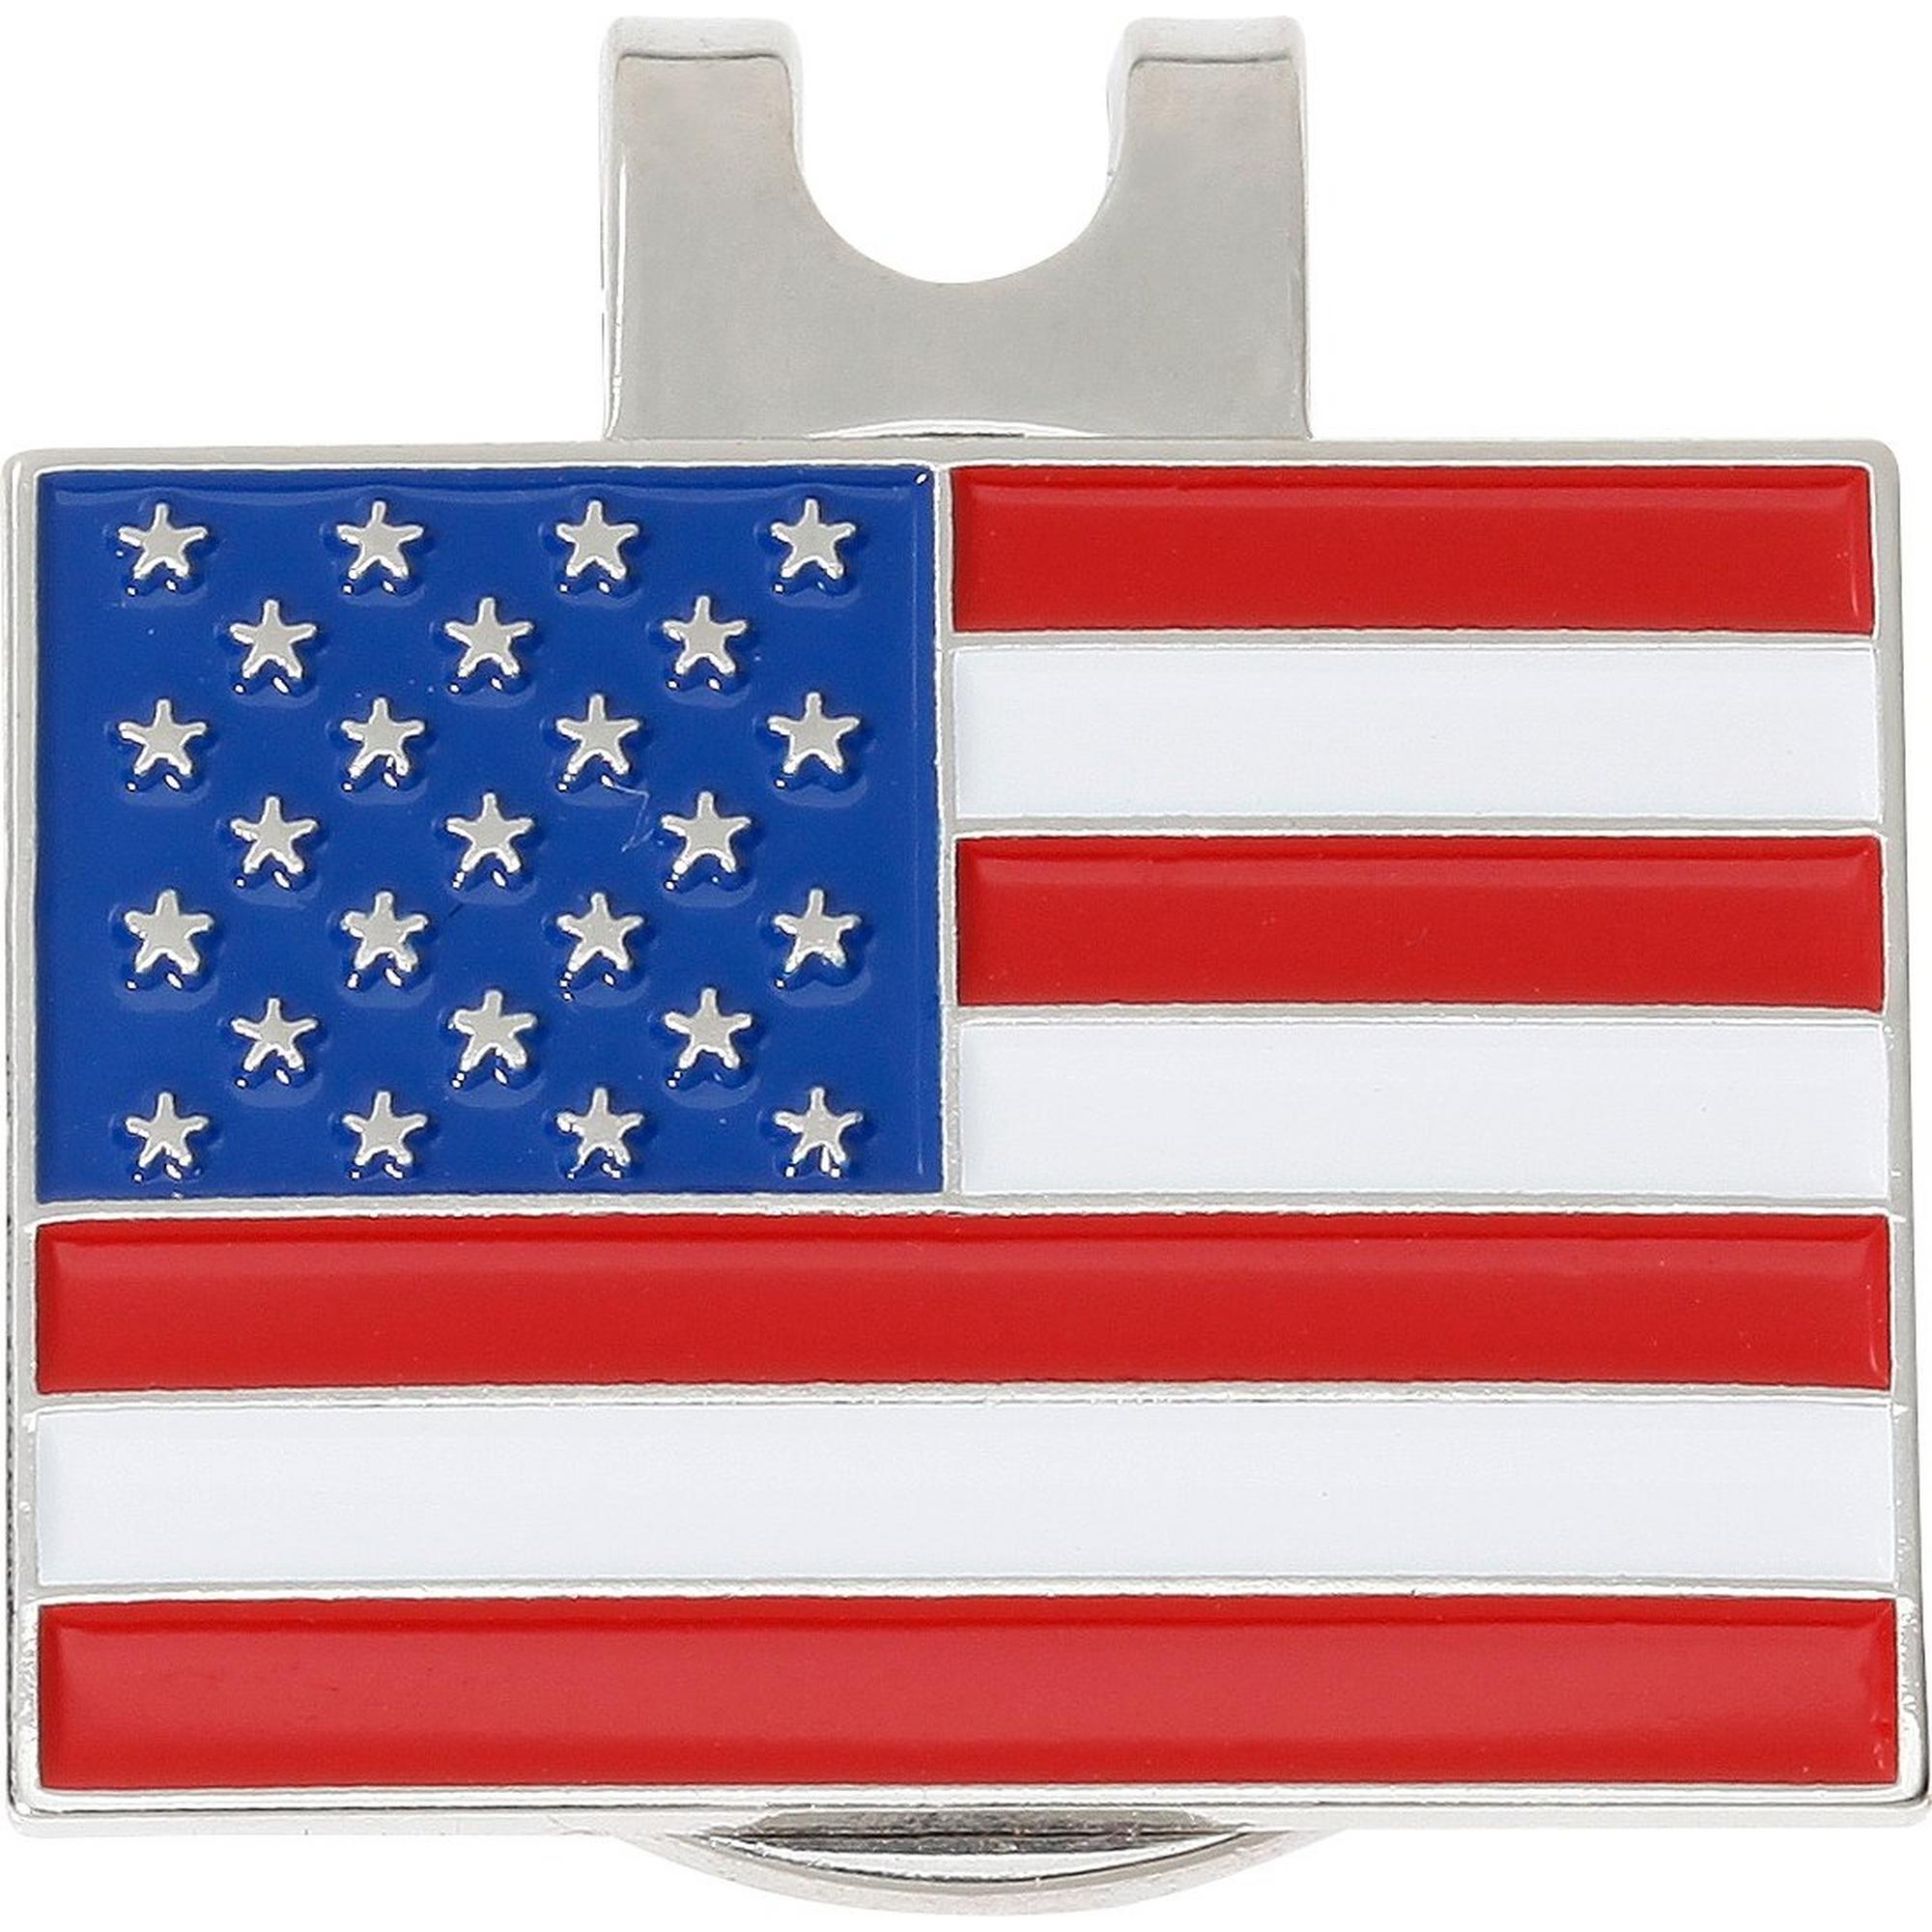 Marqueur de balle avec drapeau des États-Unis et attache pour casquette